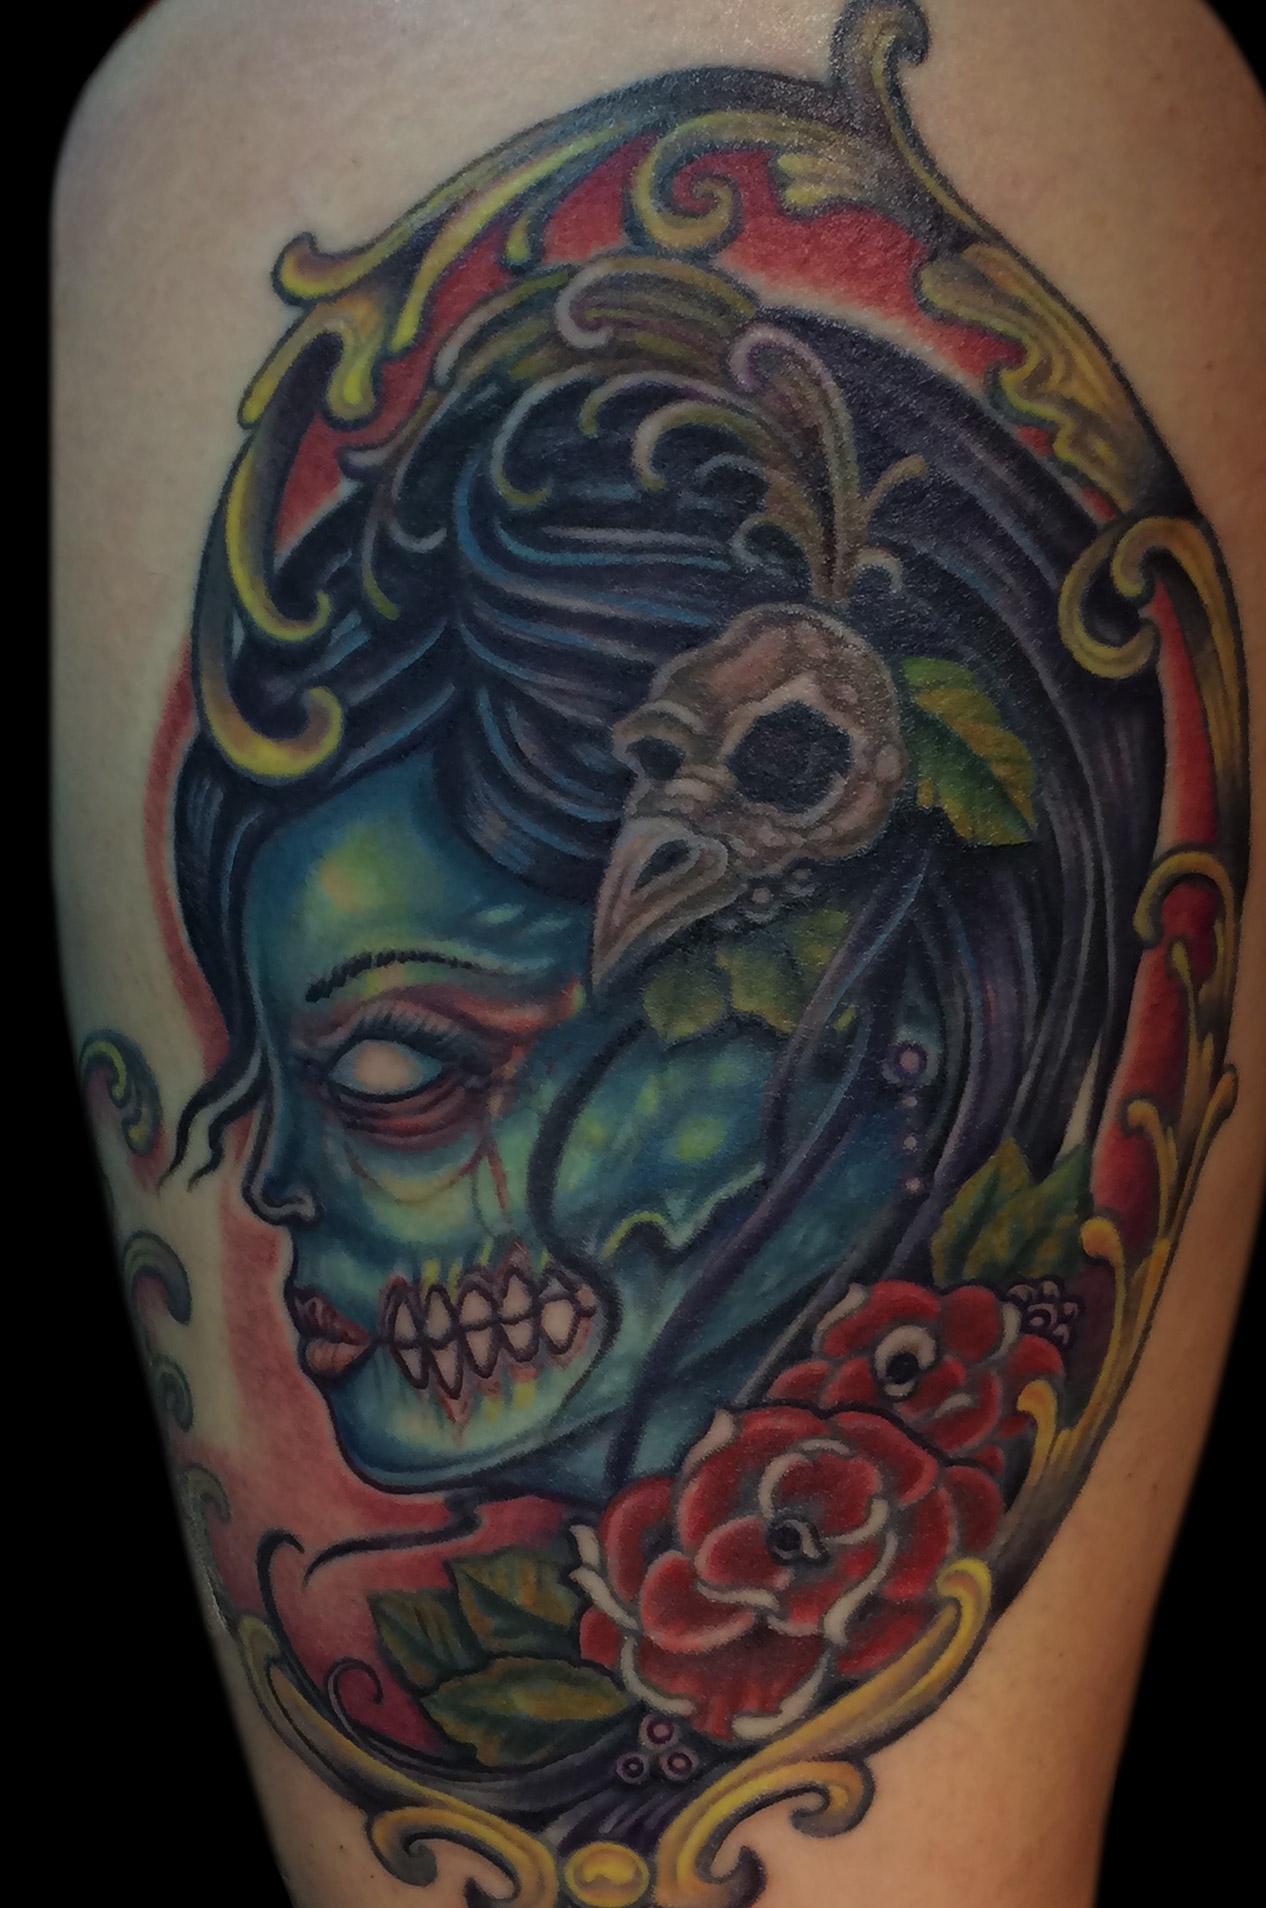 brett-herman-tattoo-002.jpg